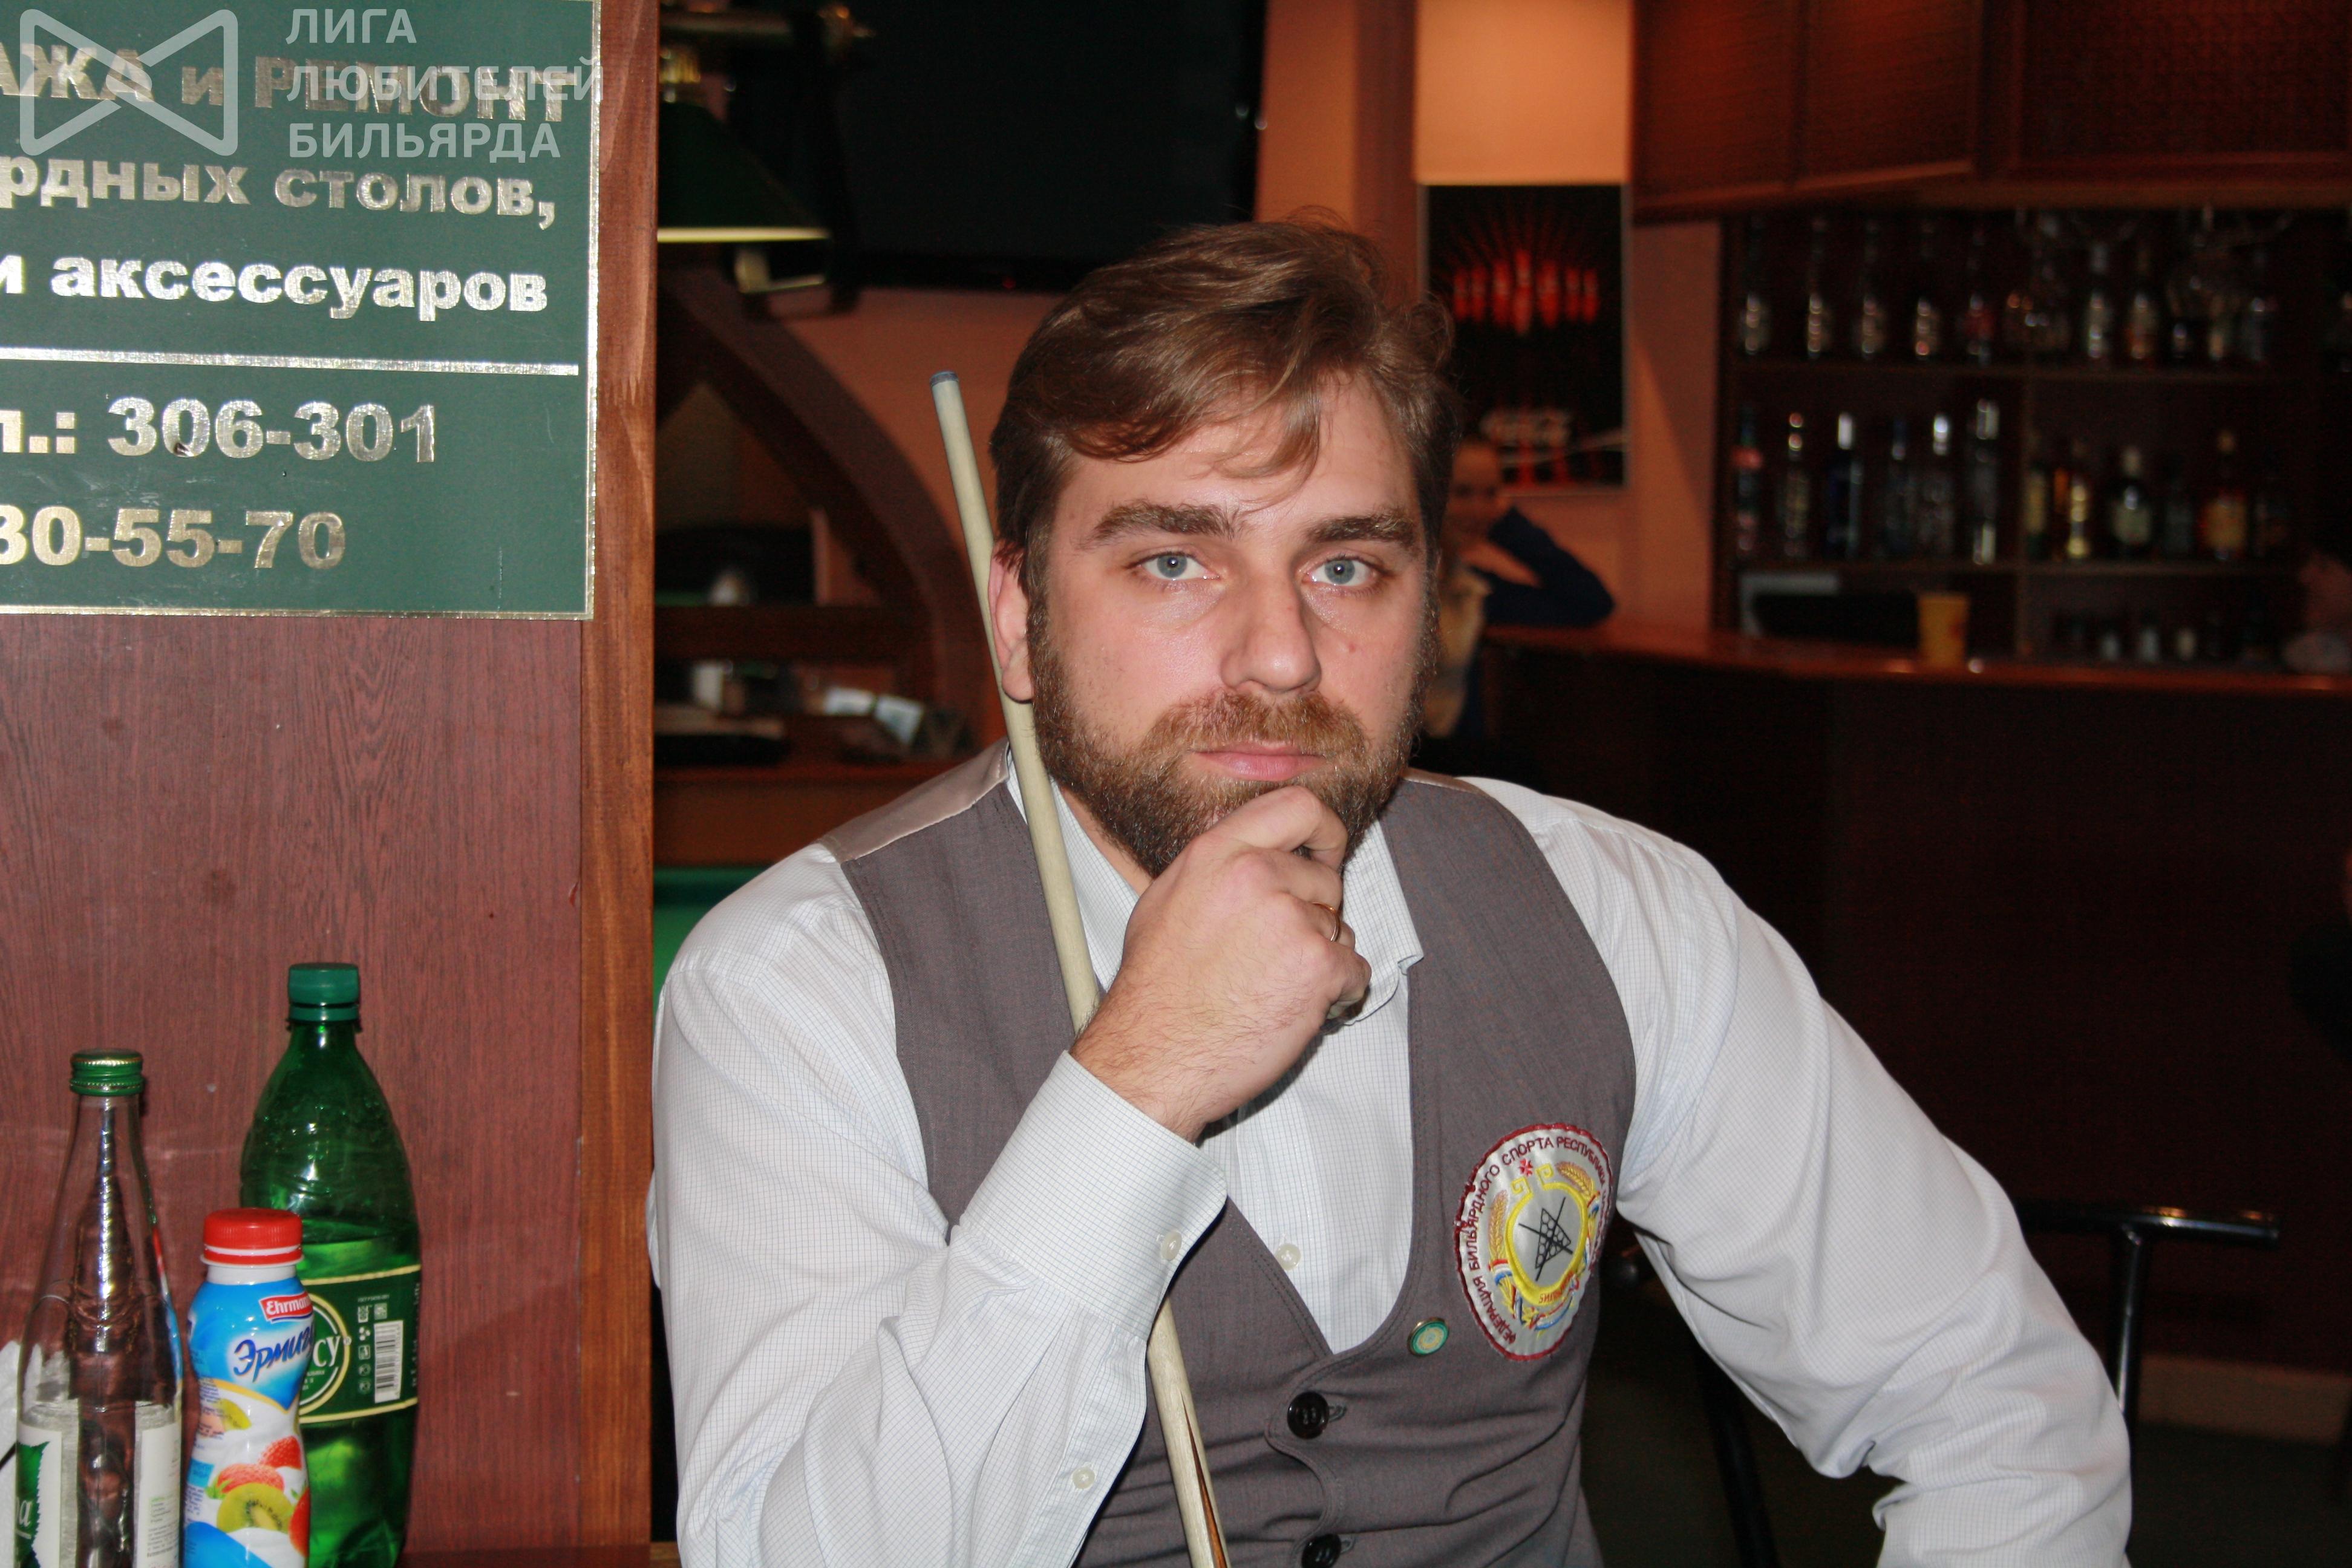 Предстоящие турниры по бильярду  Лига любителей бильярда